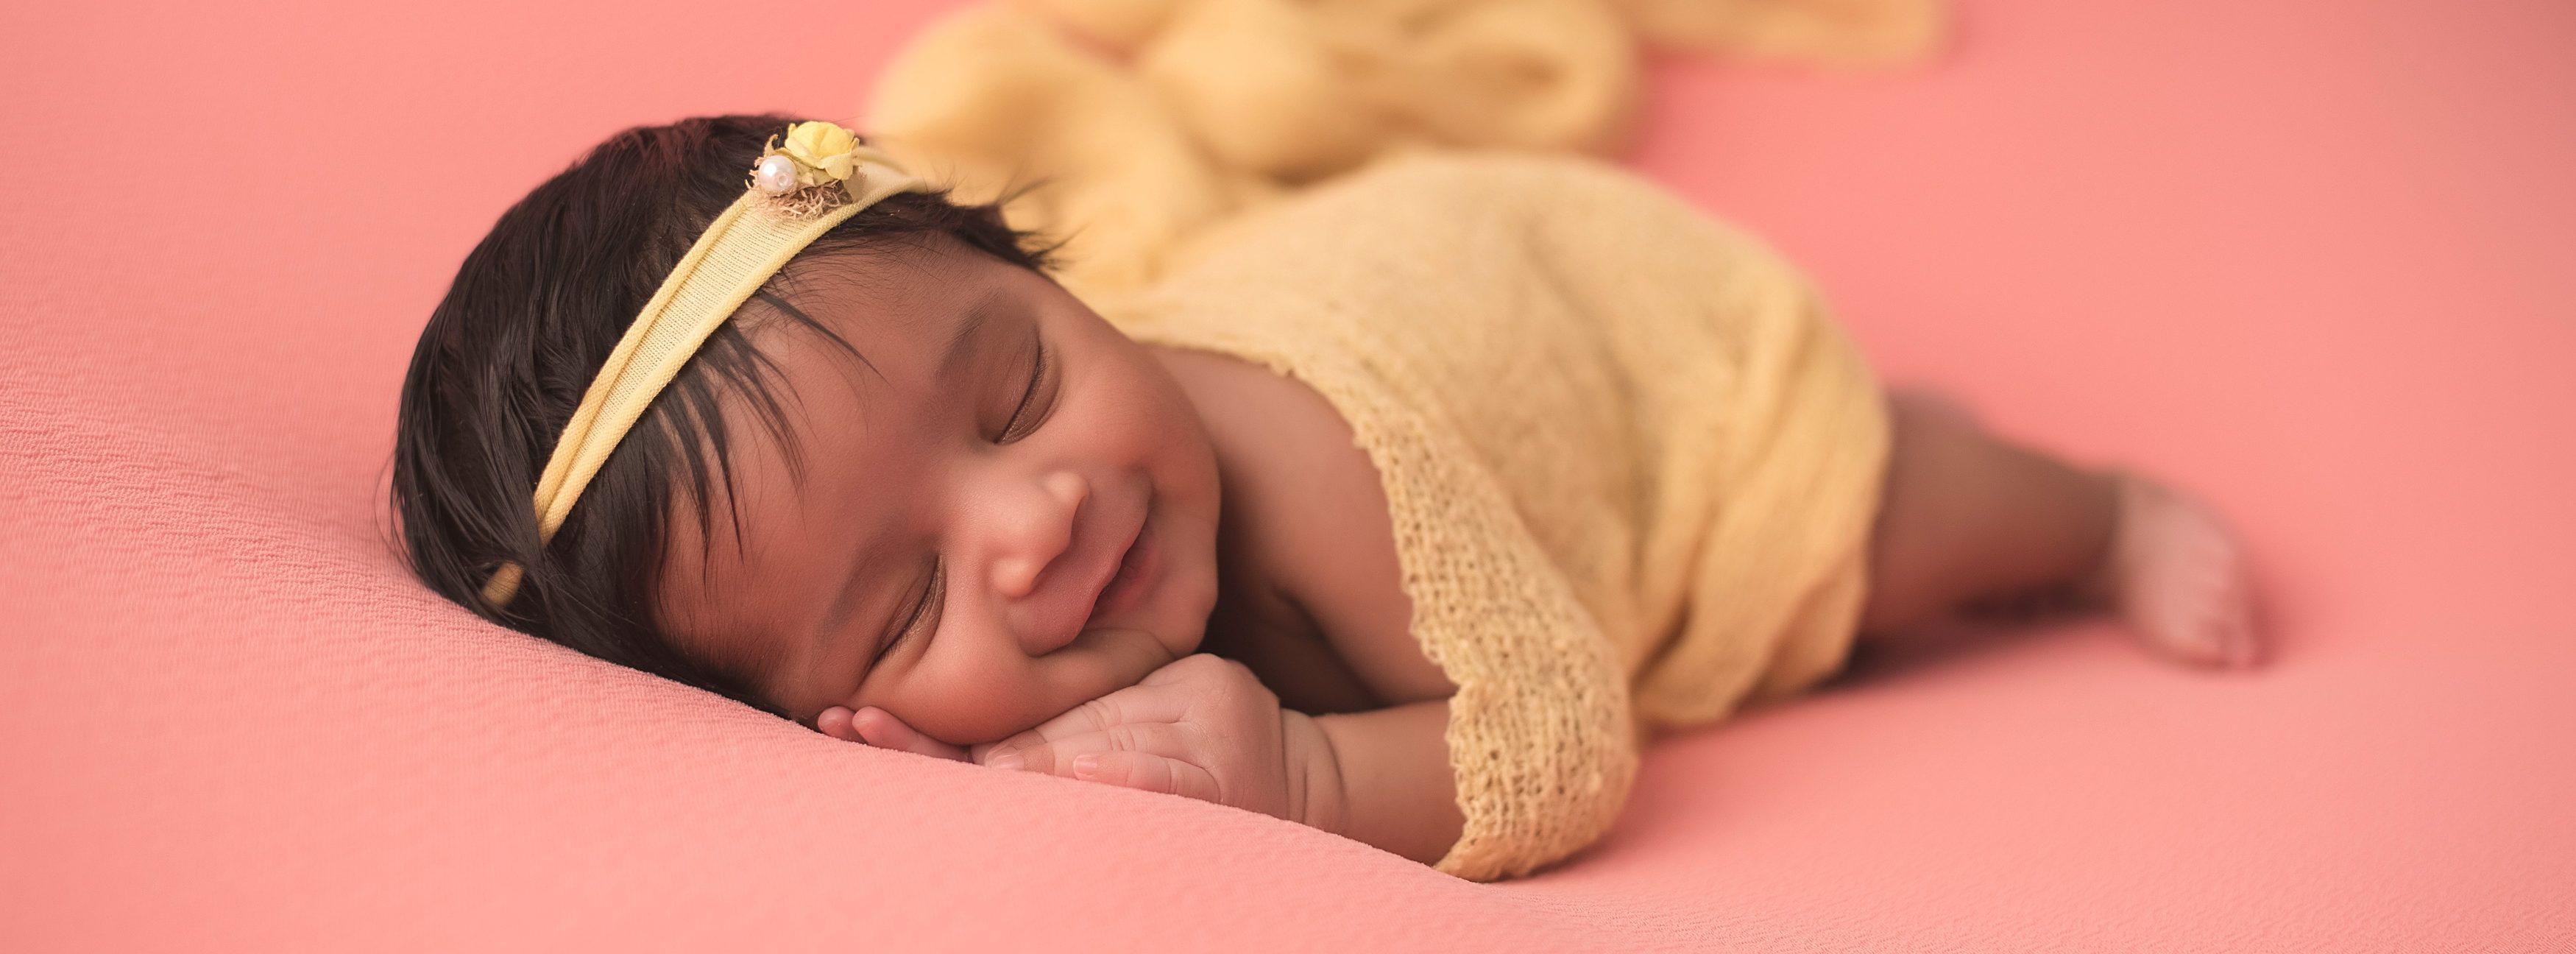 baby.dreamsmc@gmail.com